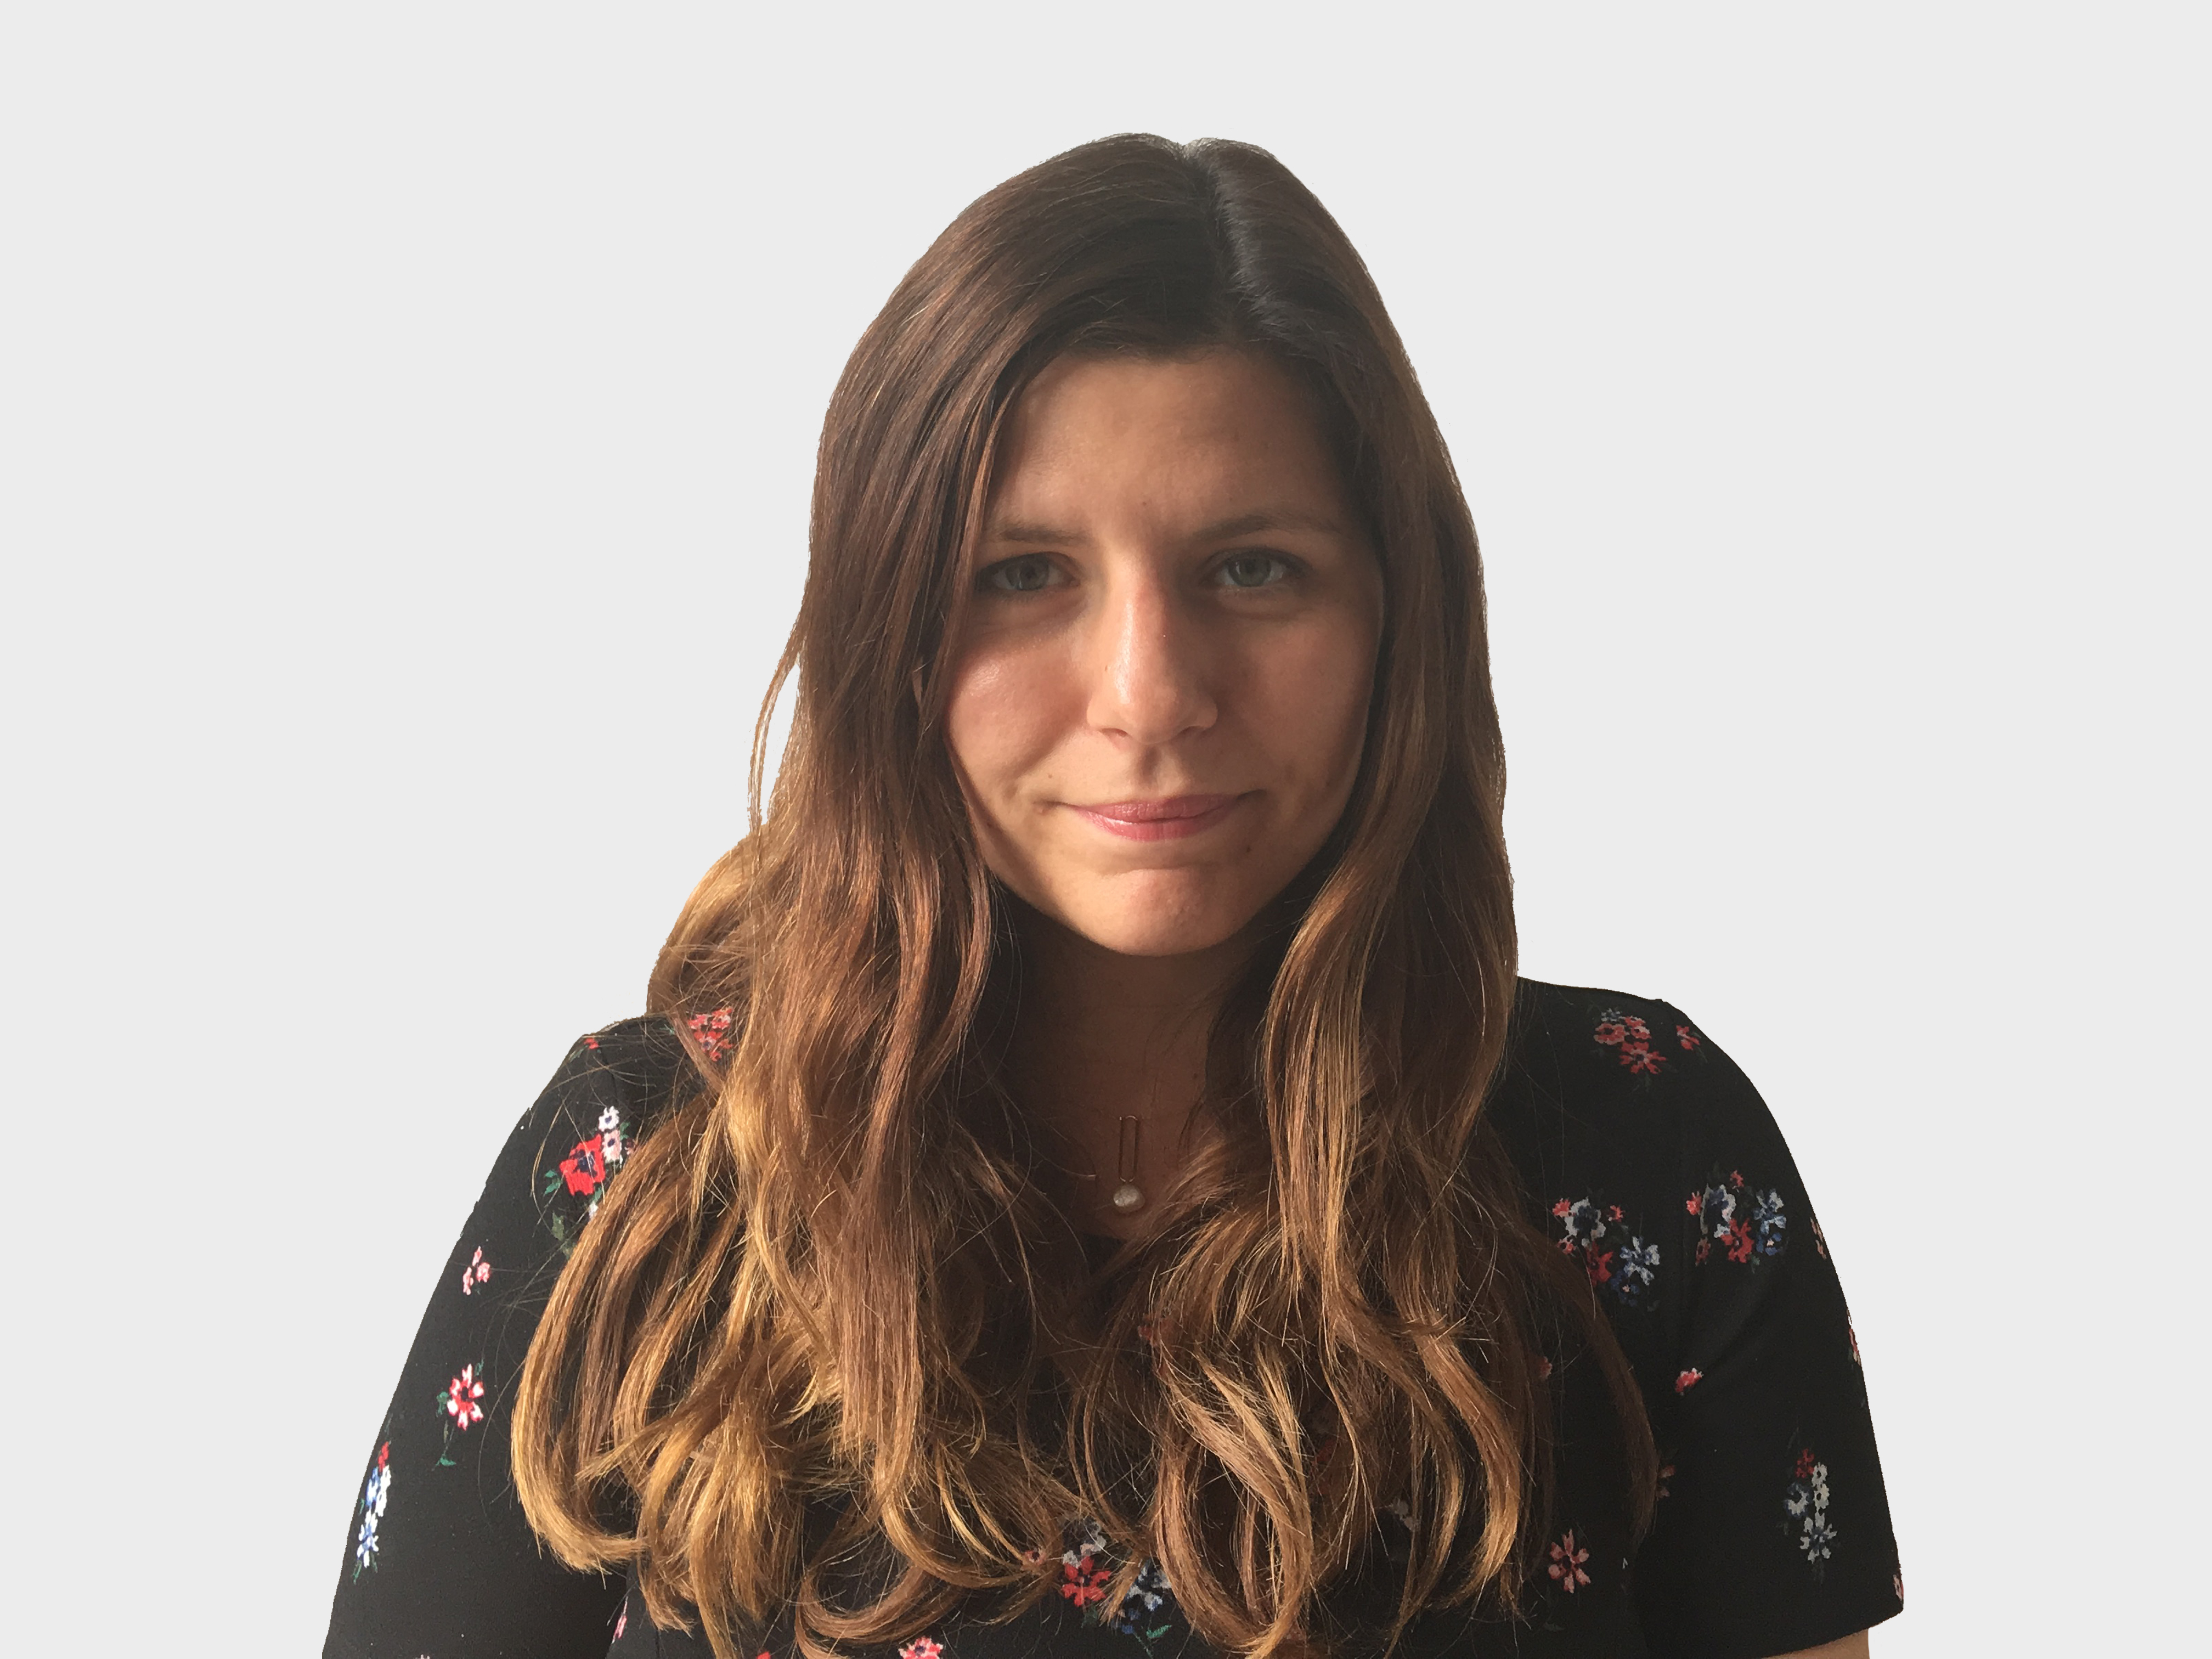 Johanna Veysset